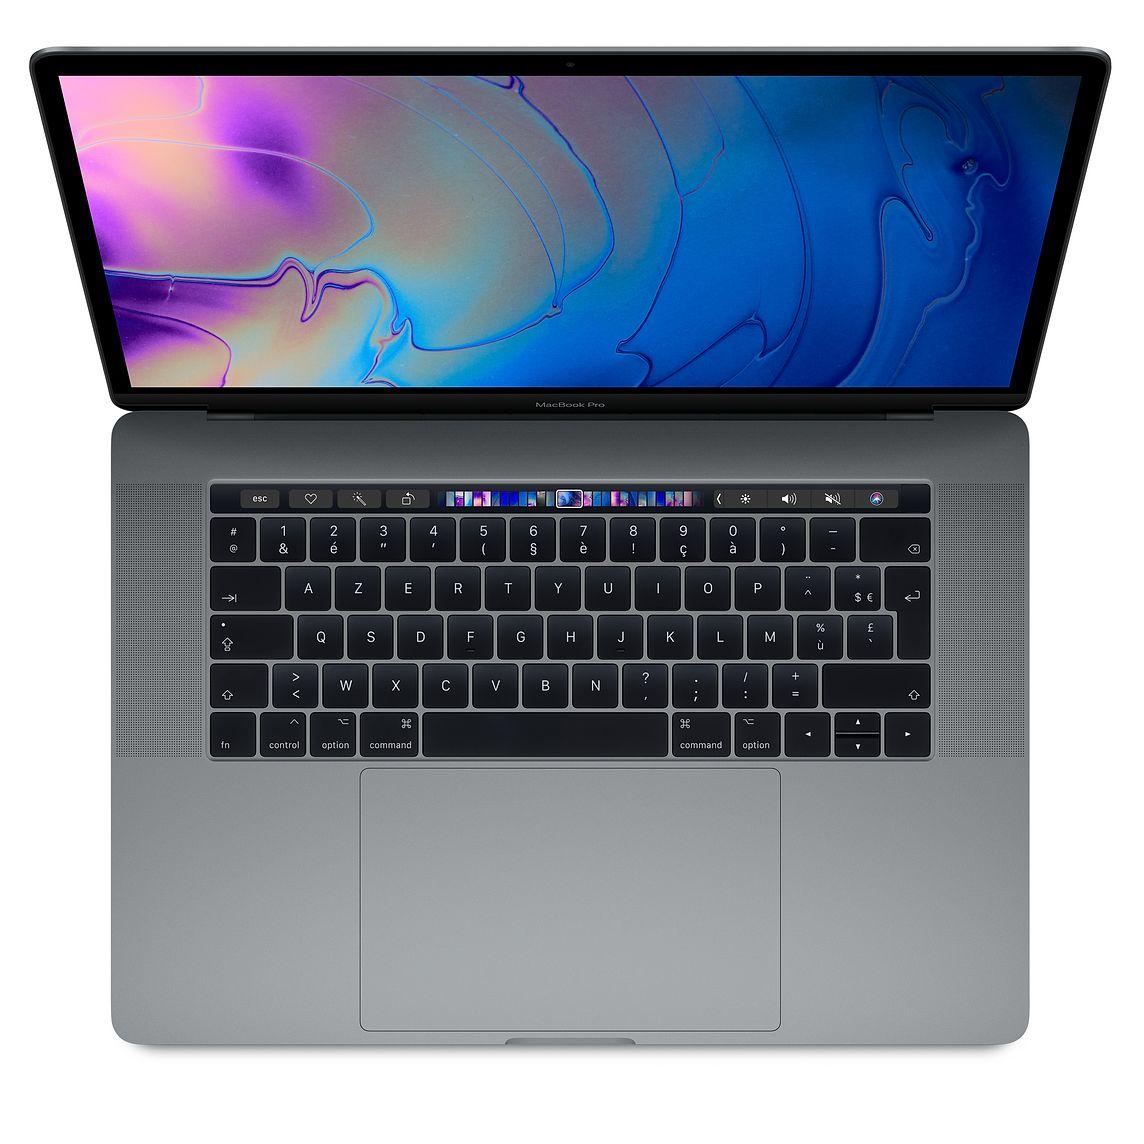 """PC portable 15.4"""" Apple MacBook Pro (Retina, i7, 16 Go de RAM, 512 Go en SSD, avec capteur Touch ID) - reconditionné"""